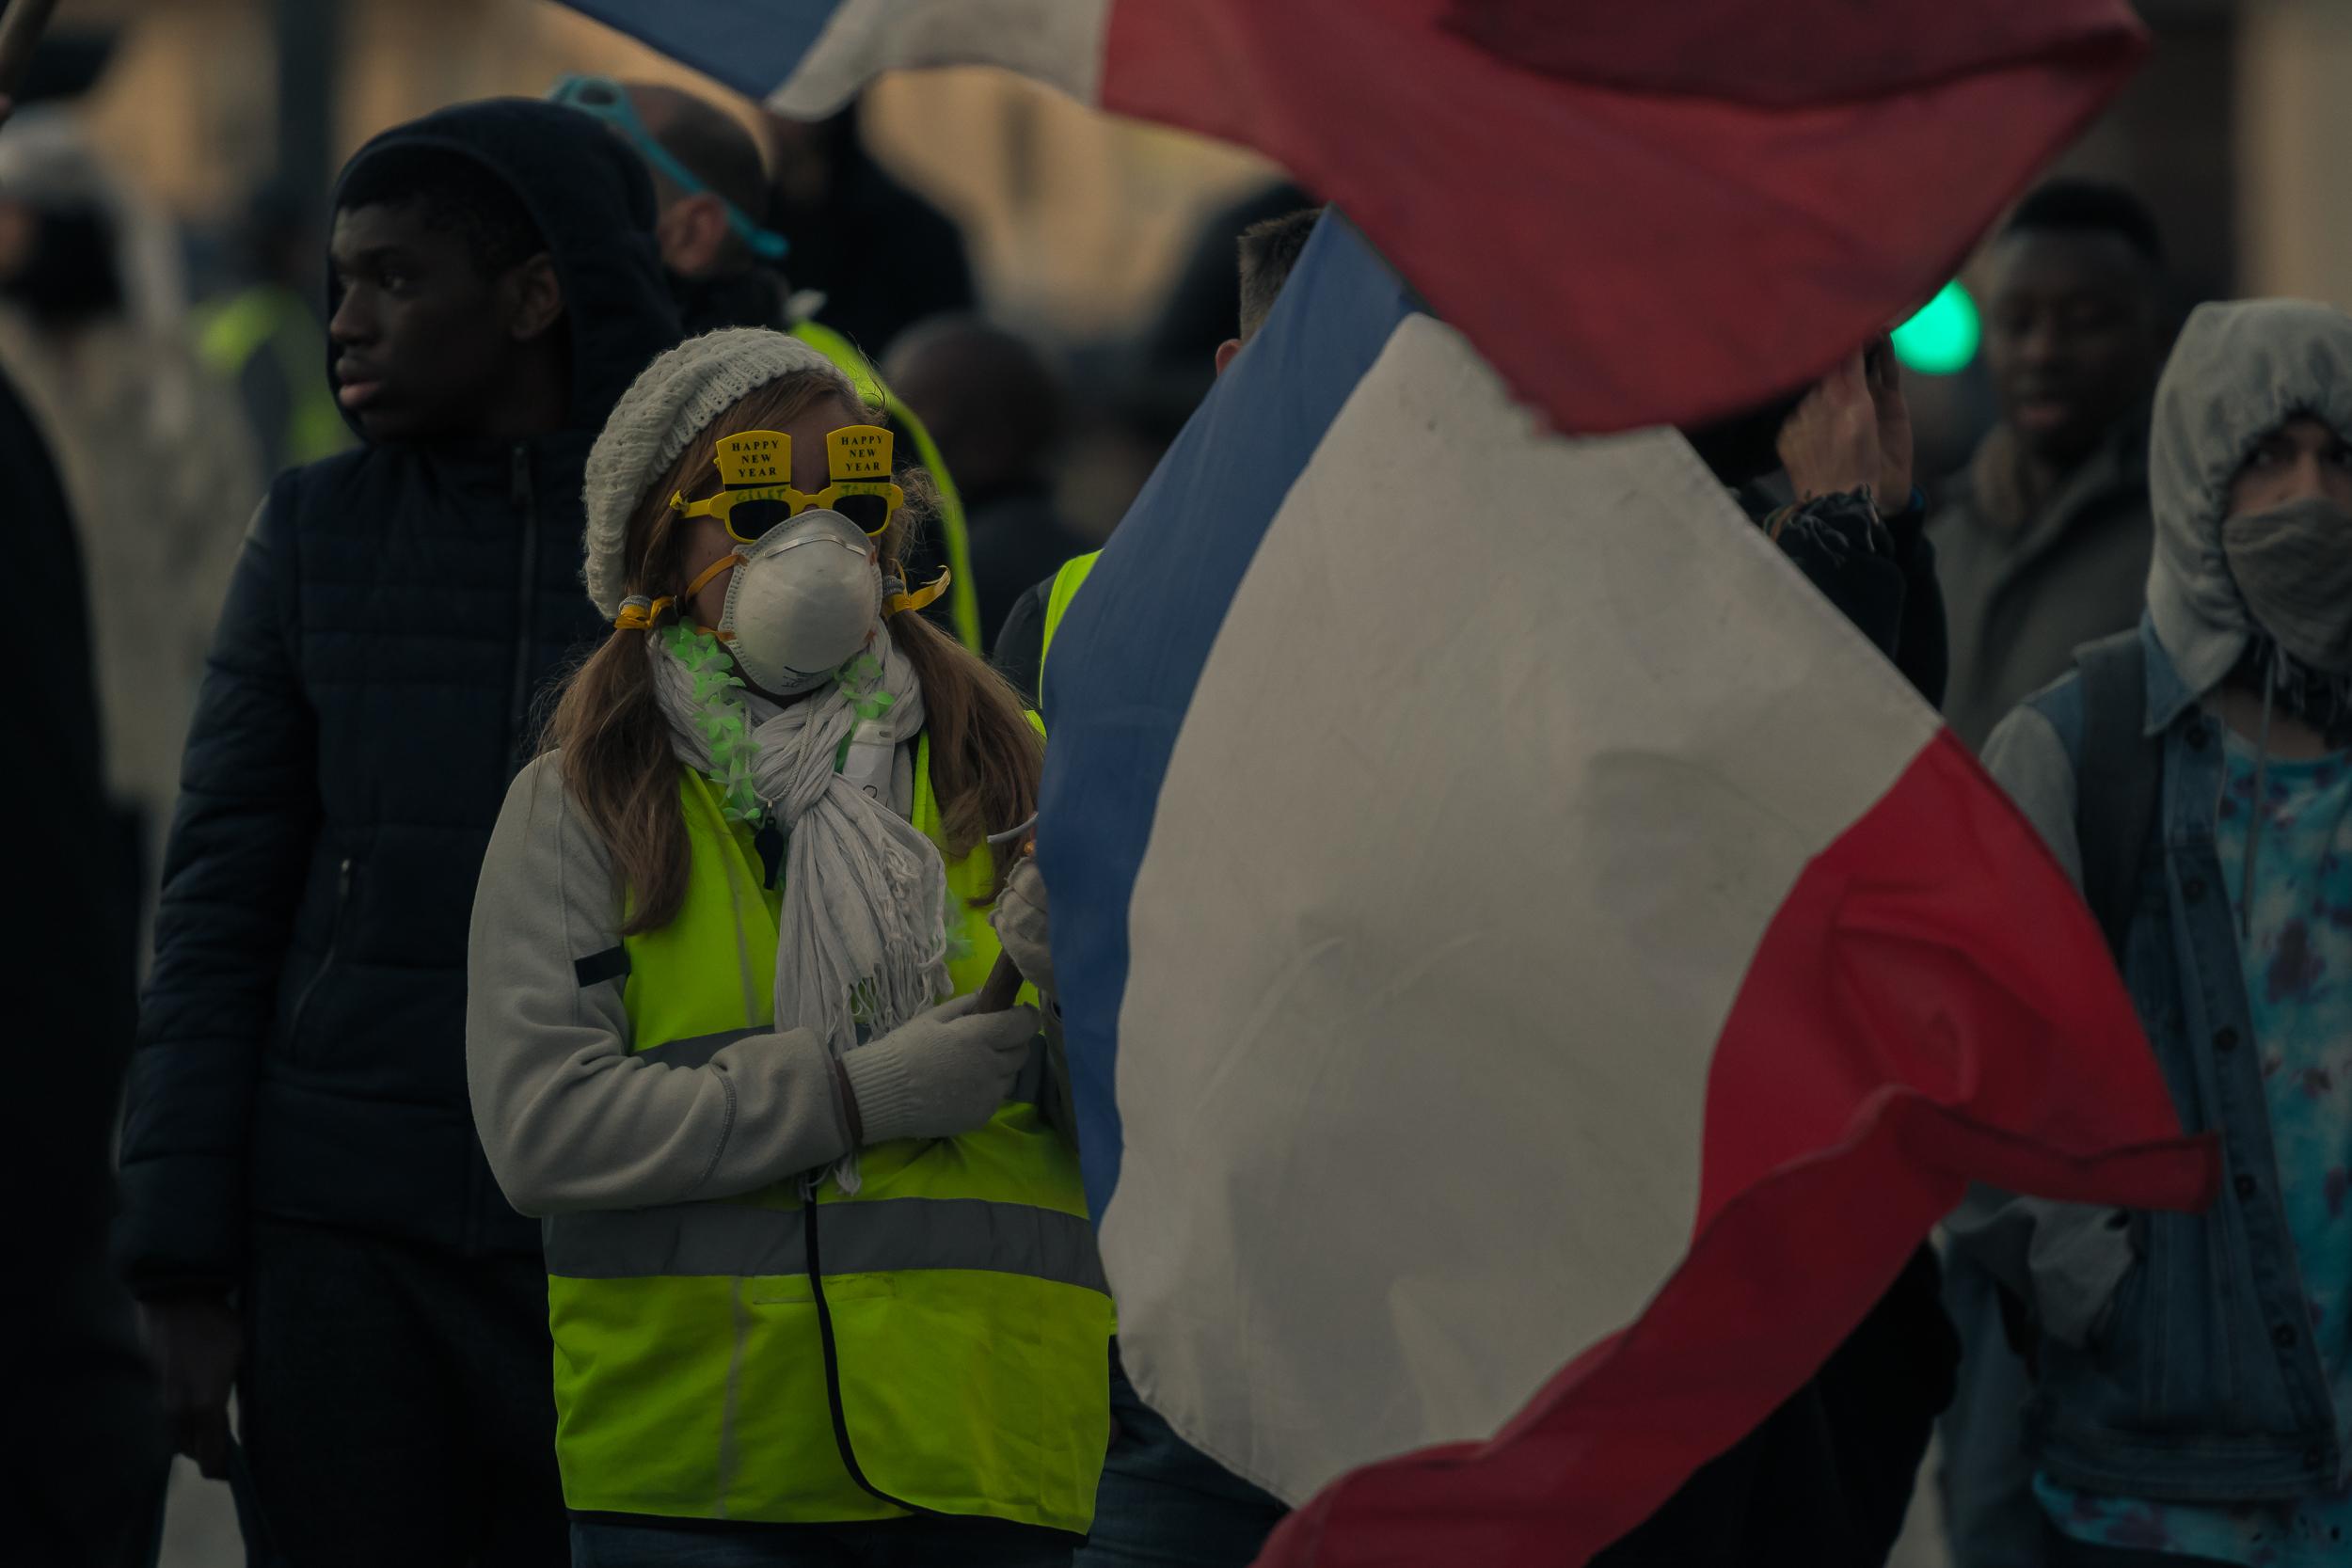 Des manifestants sont plus pacifistes que d'autres, mais tous restent curieux.